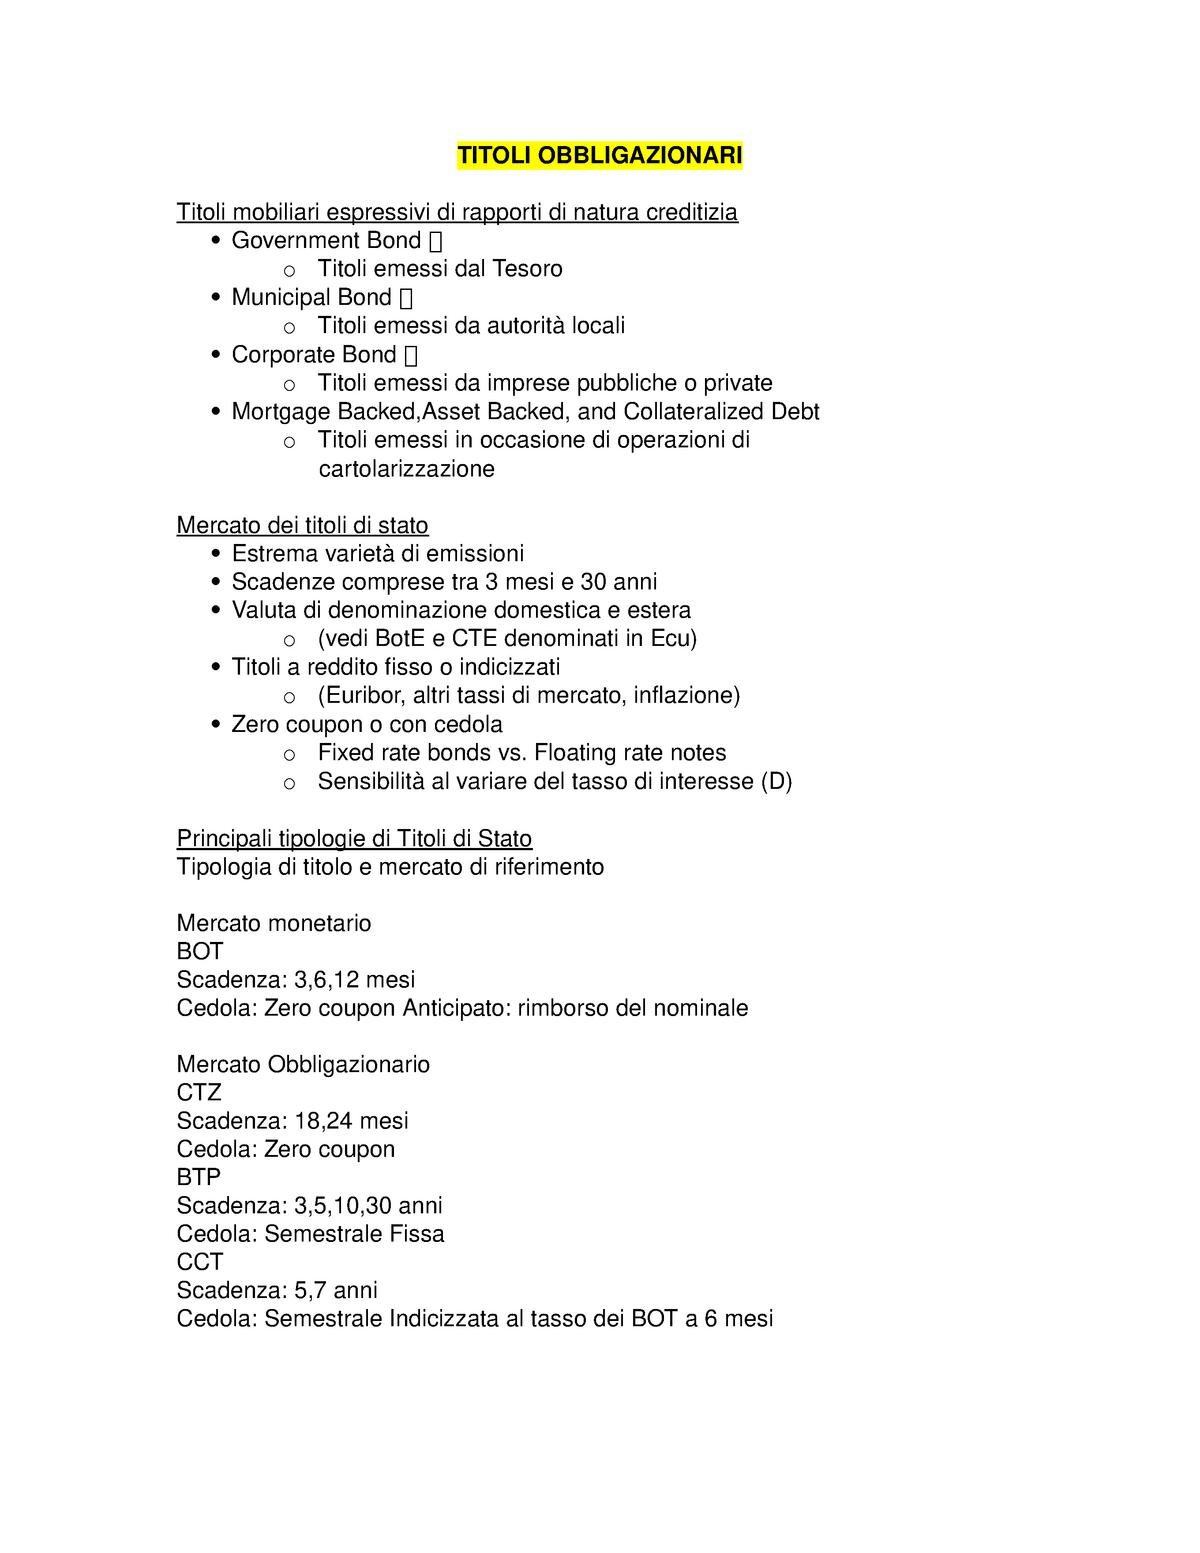 097e5adbf2 Titoli obbligazionari - Economia degli intermediari finanziari - StuDocu